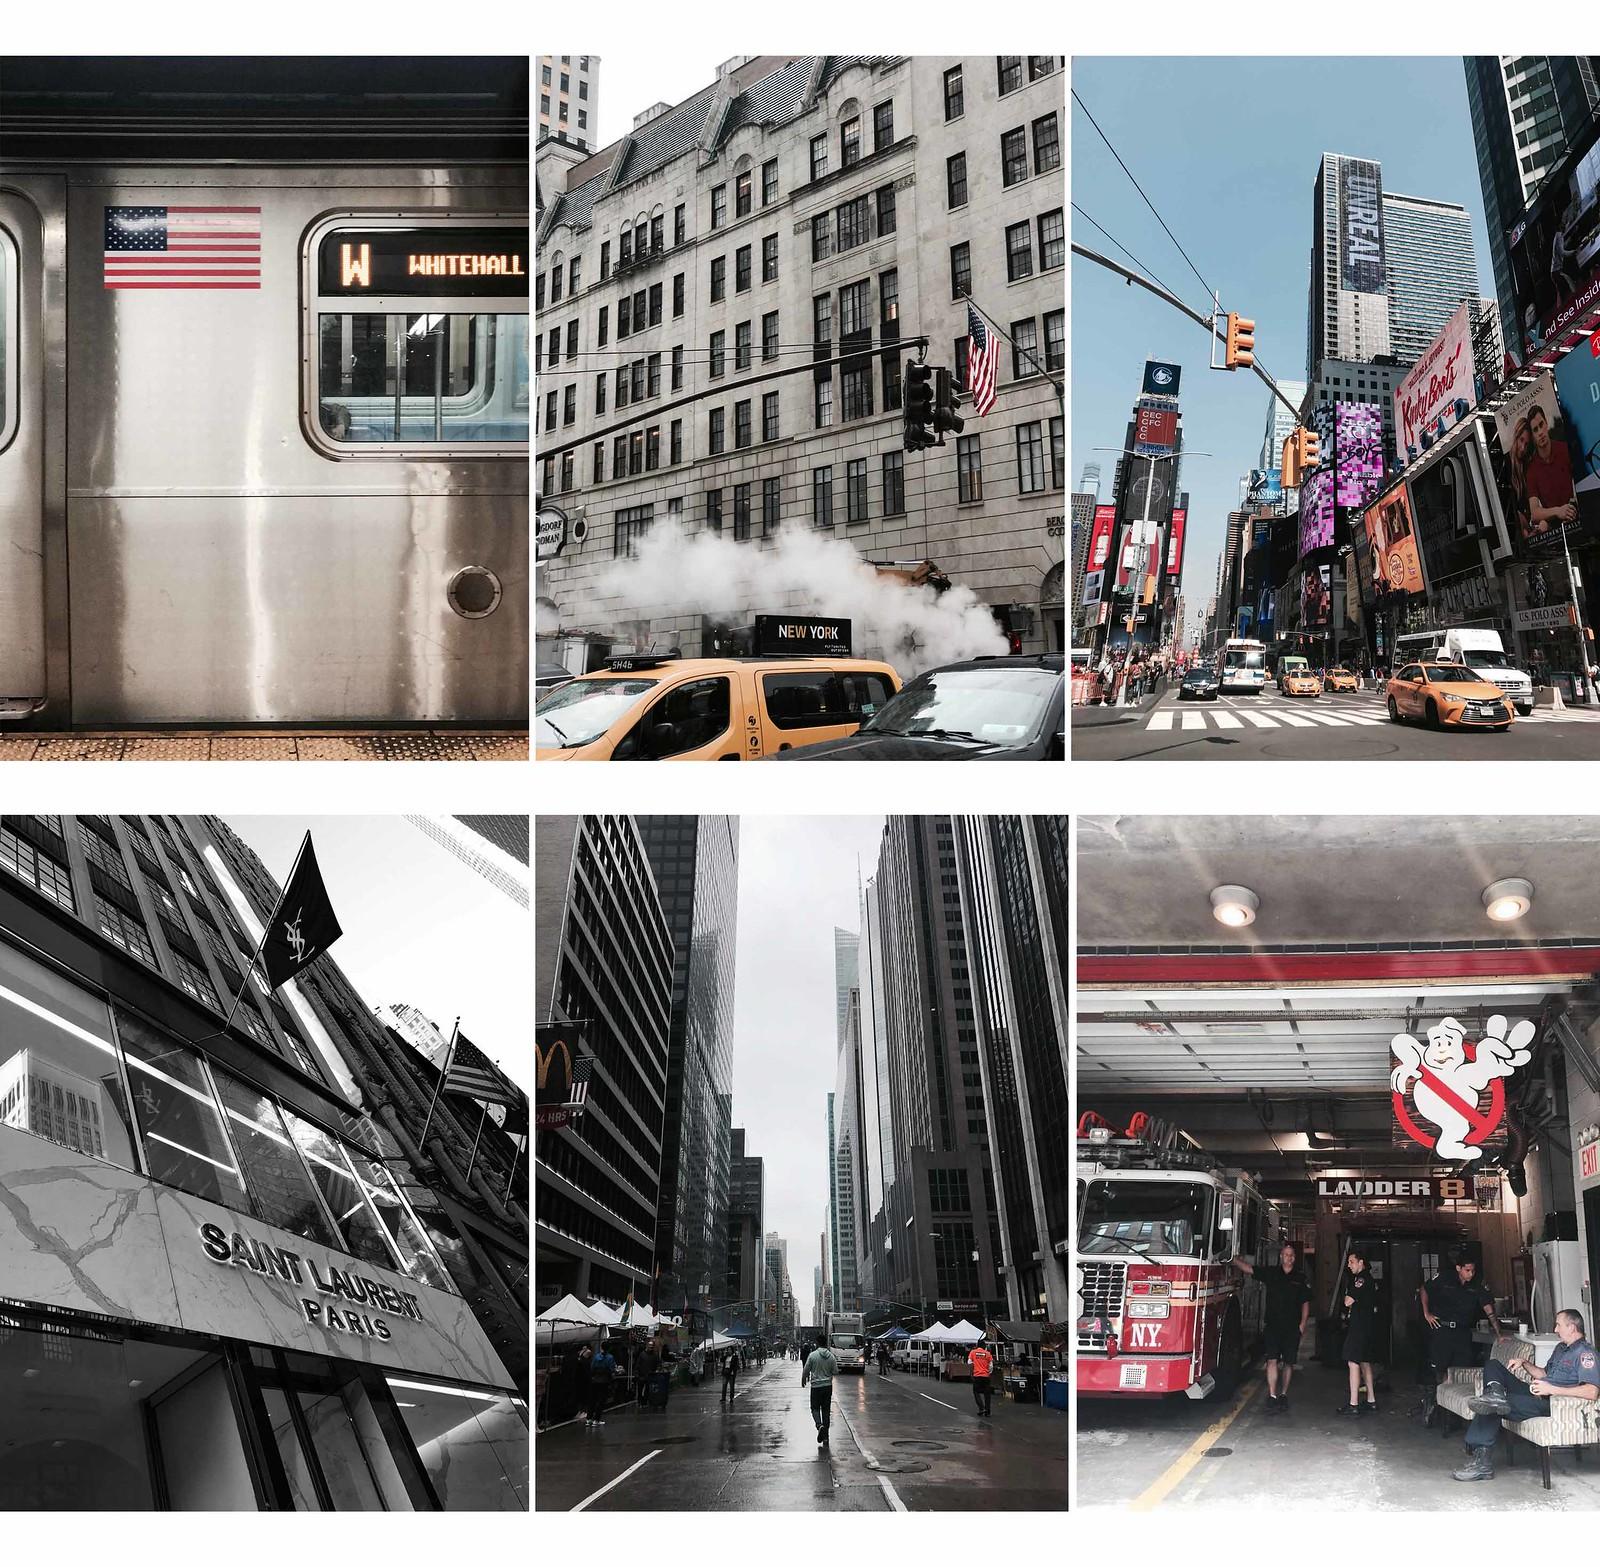 07_GUIA_NUEVA_YORK_7_DÍAS_QUÉ_HAY_EN_MI_IPHONE_VISITAR_NEW_YORK_POCOS_DIAS